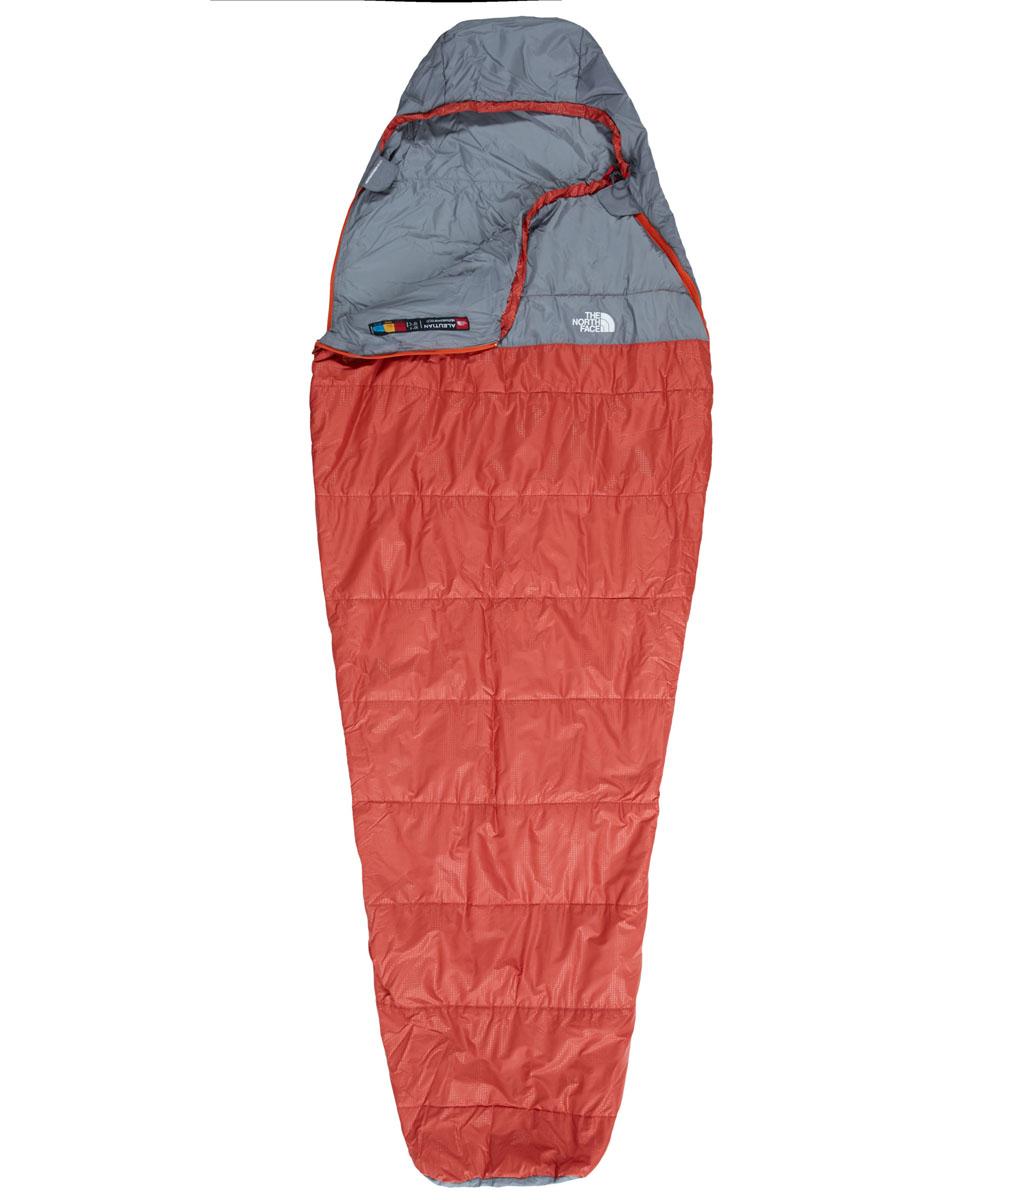 Спальный мешок The North Face Aleutian 50/10, цвет: красный. T0A3A8M1RRH REG360700032Спальный мешок The North Face Aleutian 50/10 вместительный, универсальный, теплый, комфортный и при этом практичный.Это спальный мешок для прохладной погоды, который можно целиком расстегнуть и расстелить в качестве пола в палатке. Для удобной транспортировки мешок упакован в чехол.